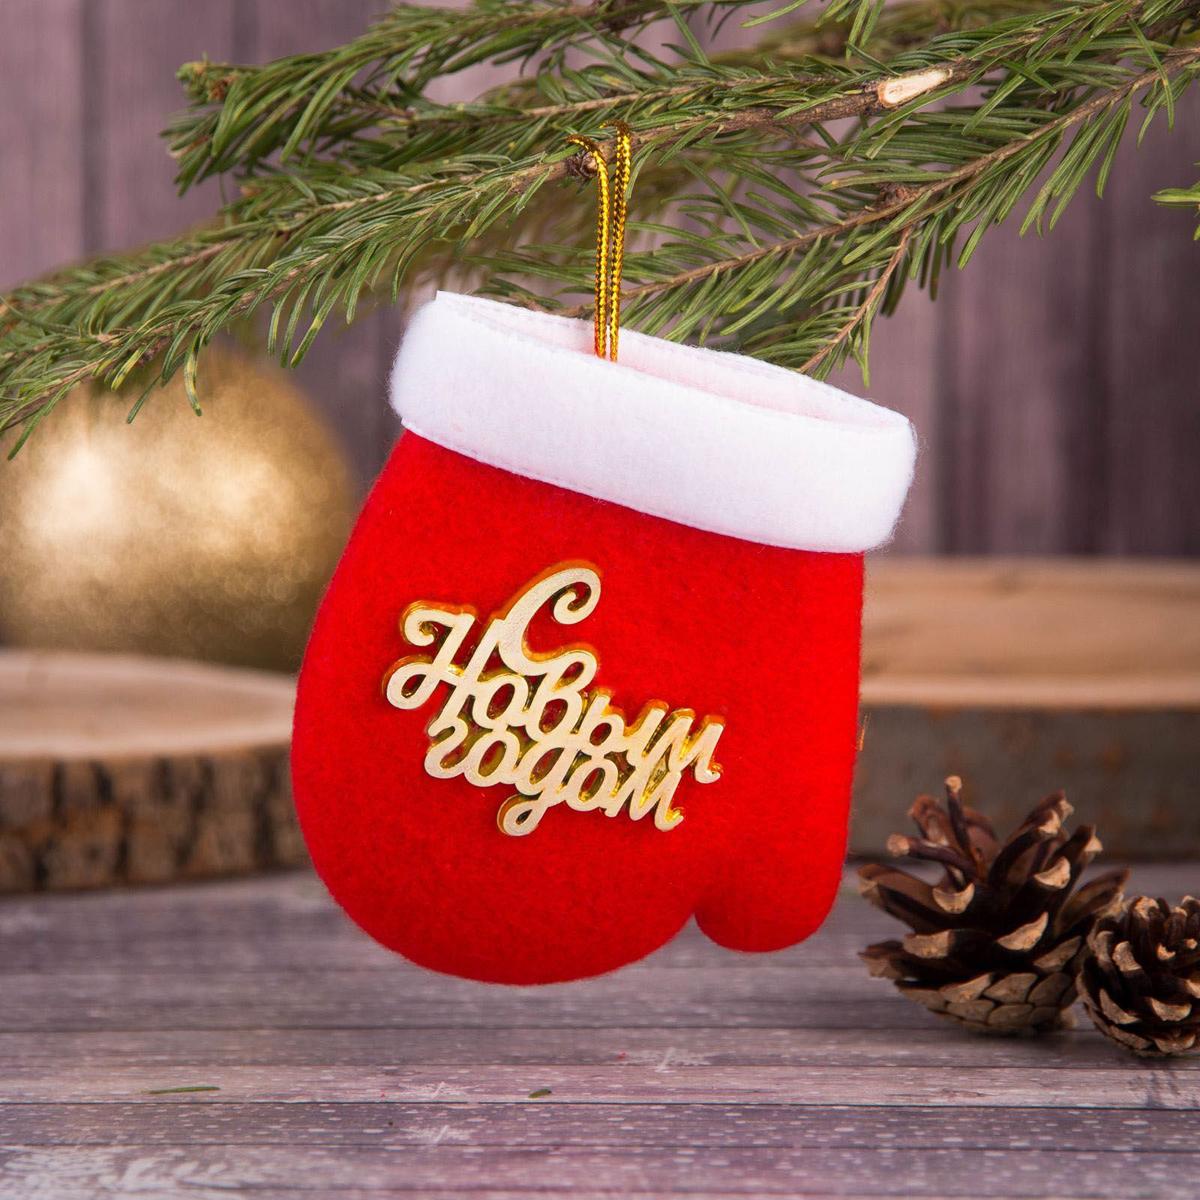 Украшение новогоднее подвесное Sima-land Рукавичка. С новым годом, 7,5 см х 8,5 см2299808Новогодние украшения Sima-land изготовлены из пластика. Изделия имеют плотный корпус, поэтому не разобьются при падении.Невозможно представить нашу жизнь без праздников! Новогодние украшения несут в себе волшебство и красоту праздника. Создайте в своем доме атмосферу тепла, веселья и радости, украшая его всей семьей.